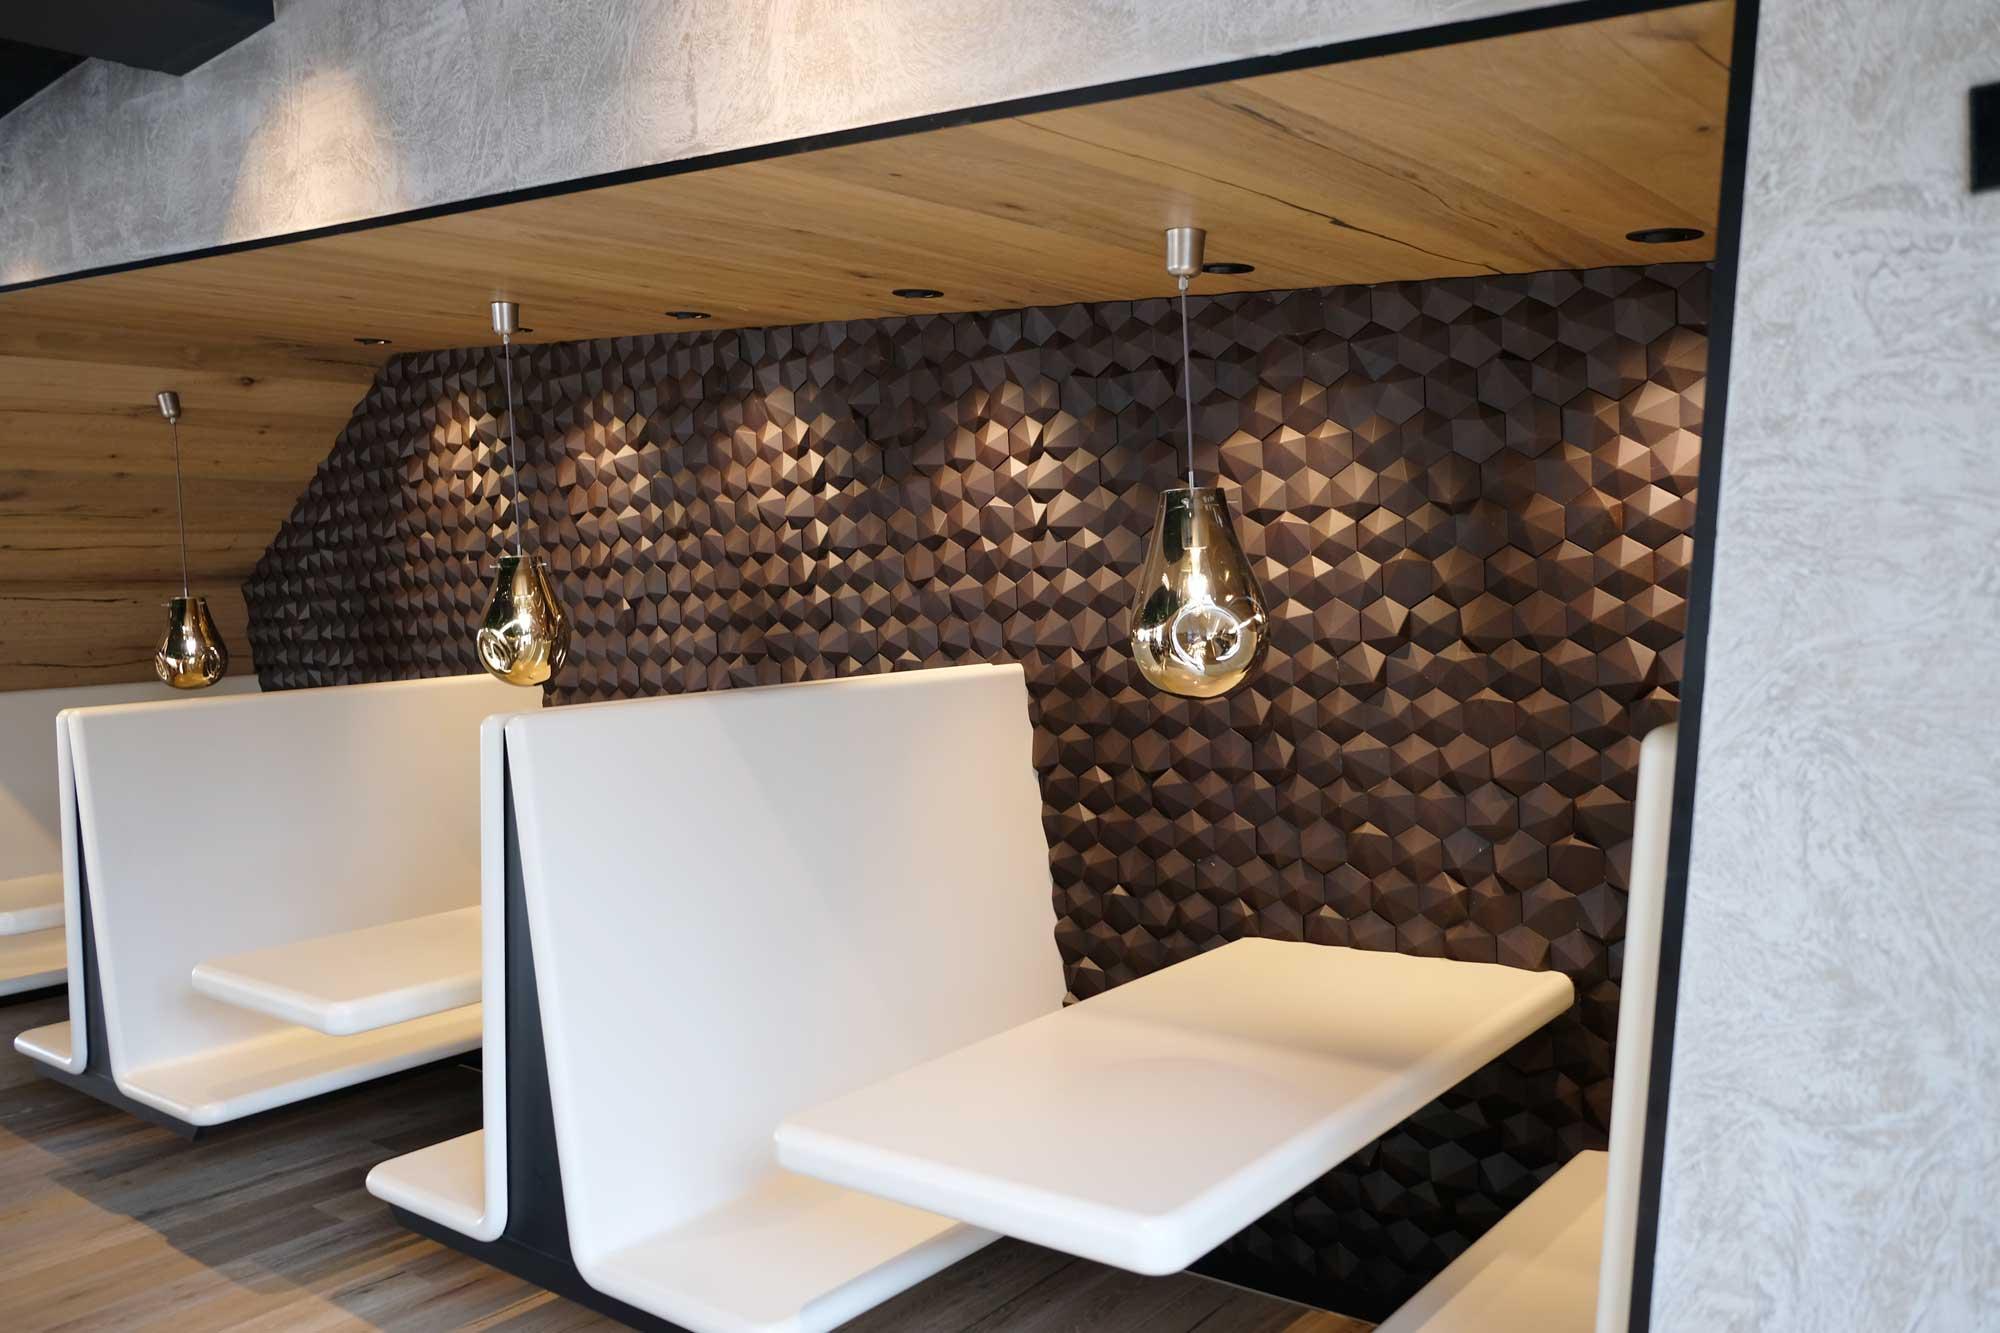 Kaffeegenuss An Der Wand Impressionen Wandgestaltung Material Id